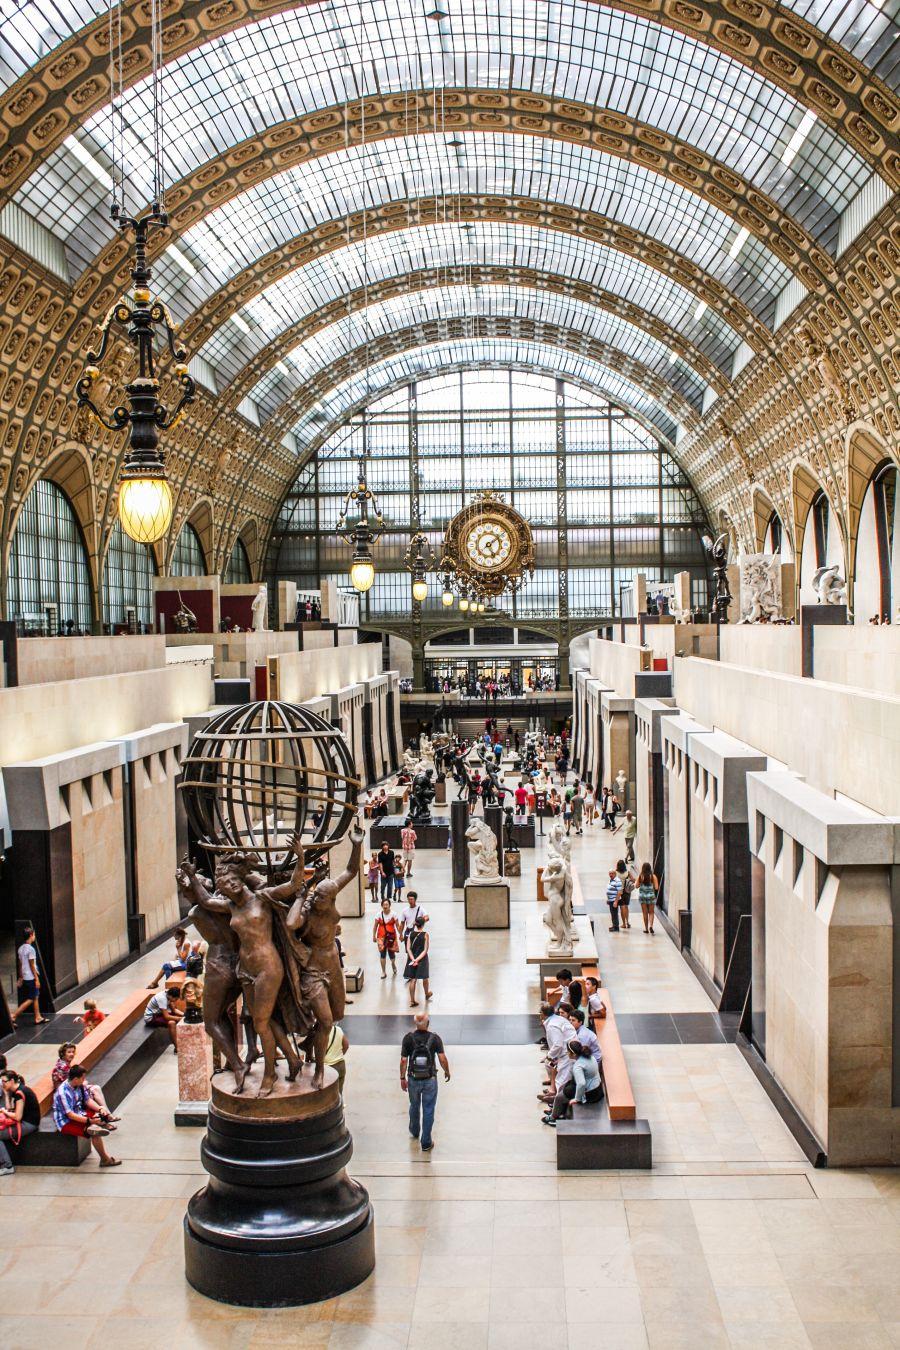 Le Musée d'Orsay, Paris © Shadowgate (CC BY 2.0)